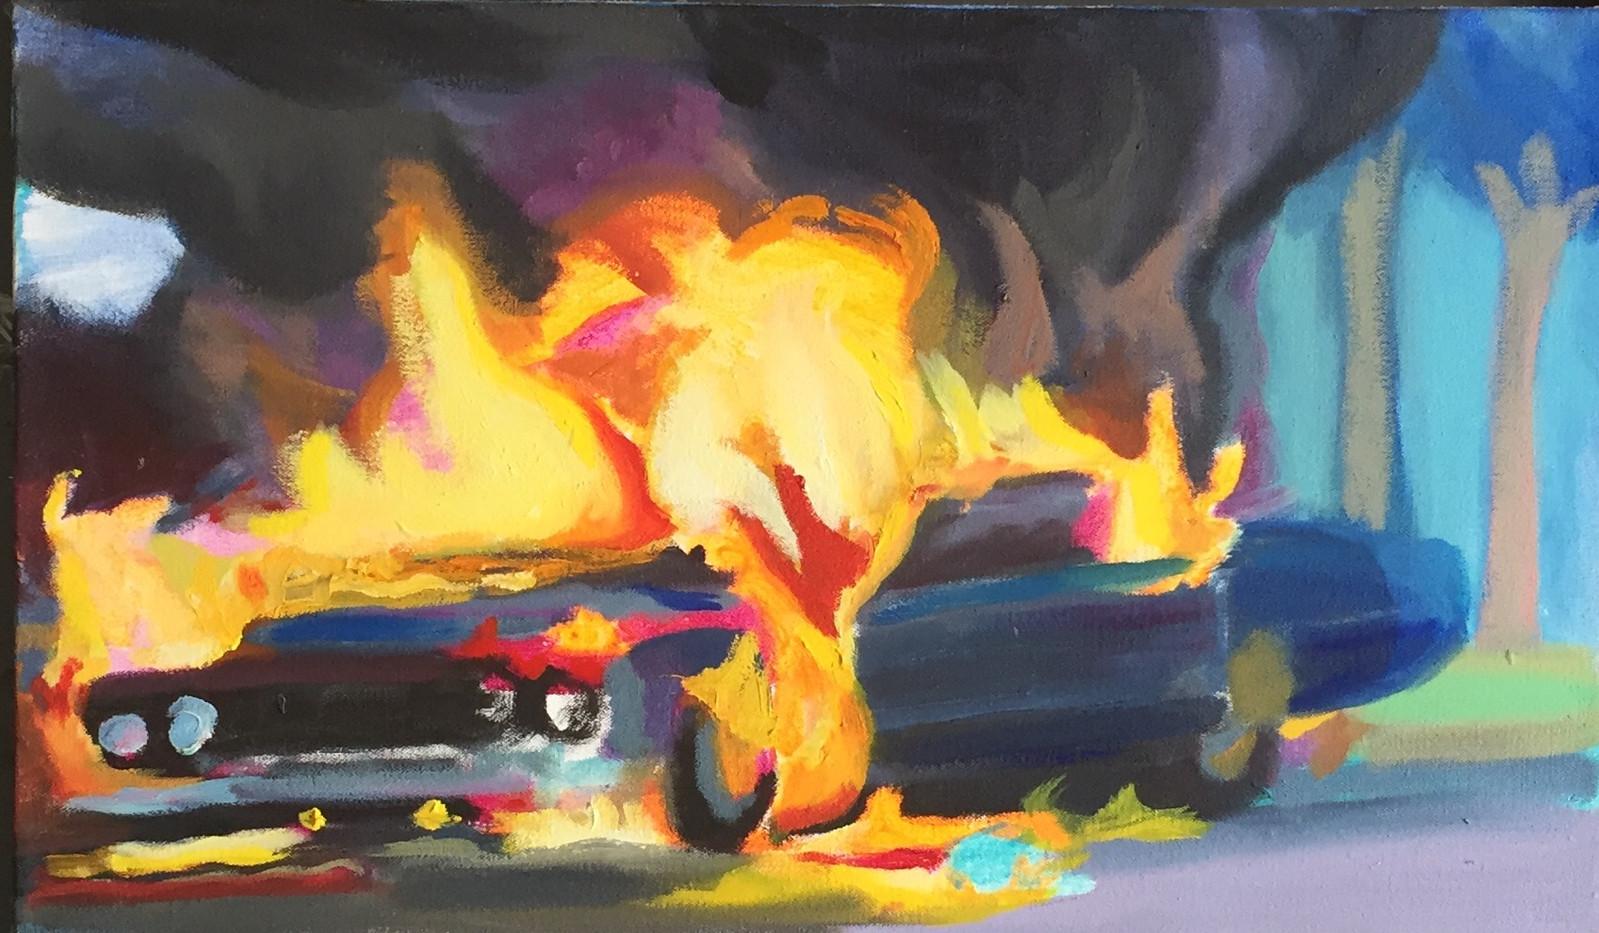 Burning Lincoln